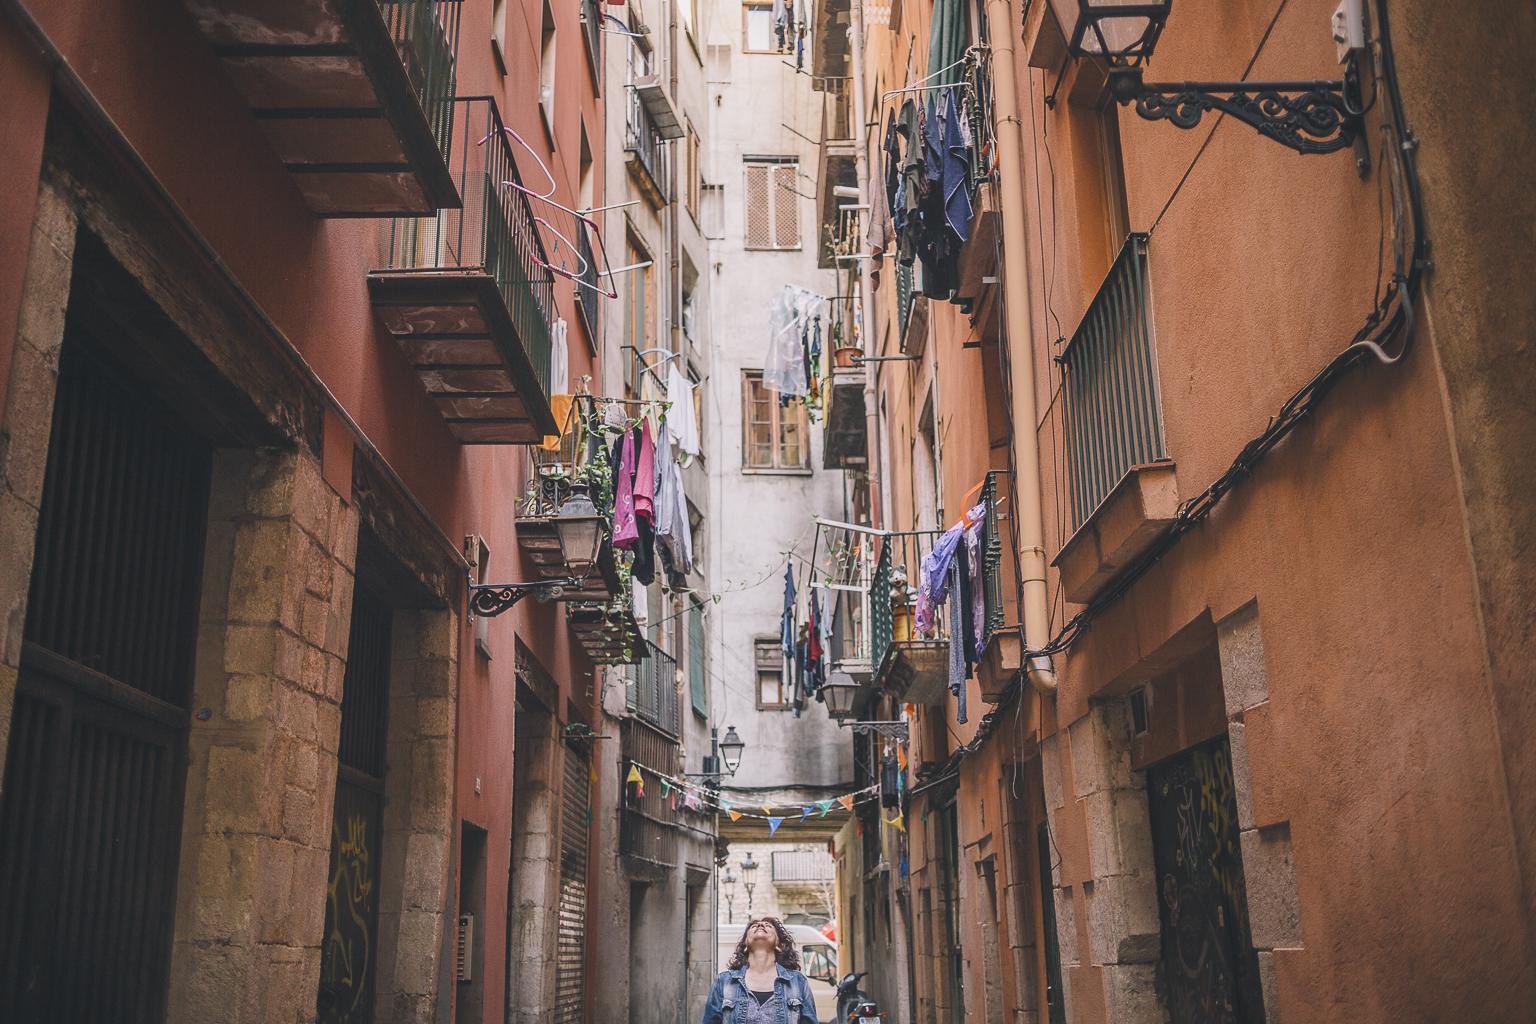 fotografo_book_barcelona_retrato-19